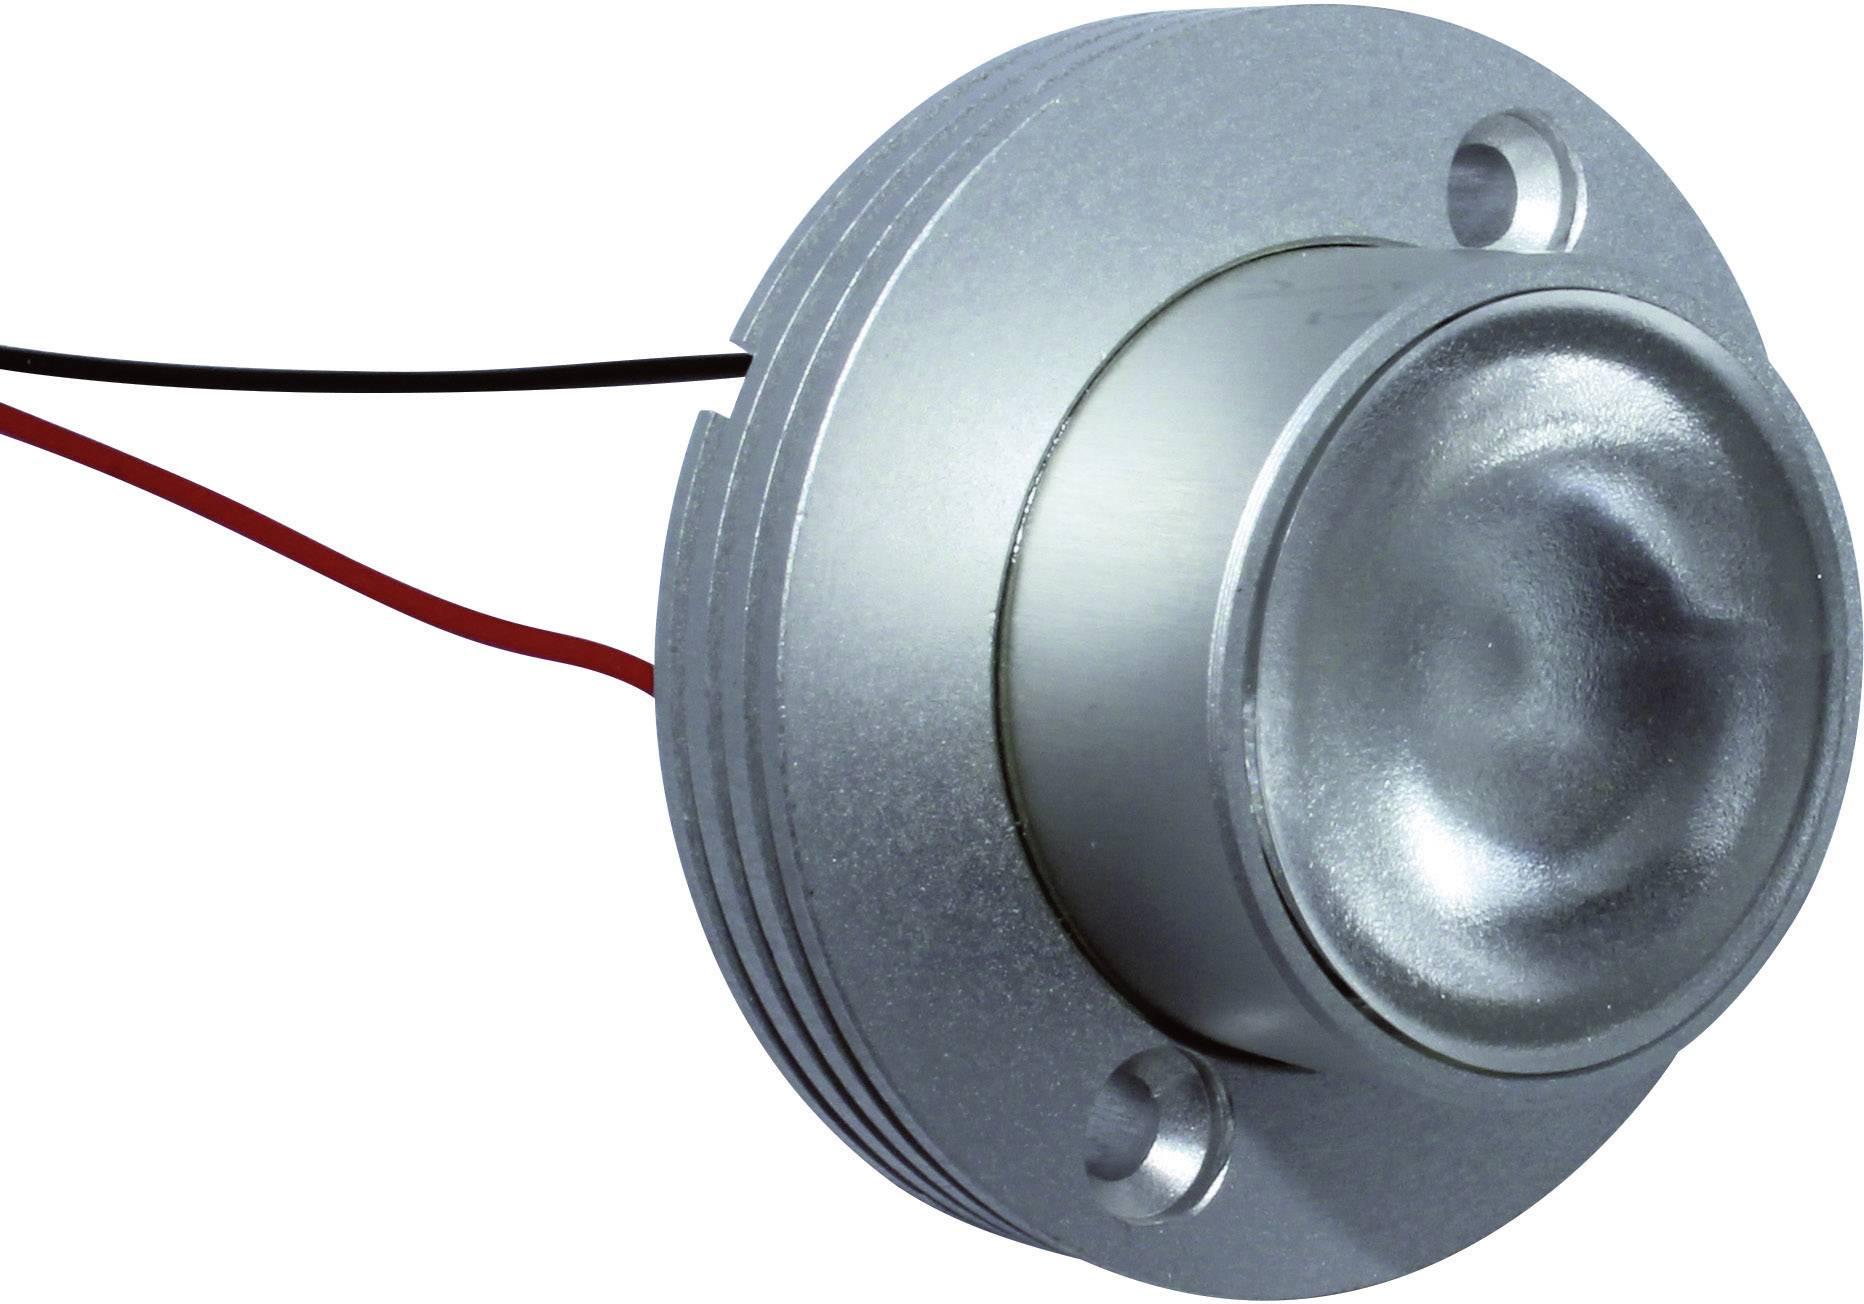 HighPower LED-spot Signal Construct QAUR1141L030, 15 °, 30 lm, 1 W, 3.3 V, modrá